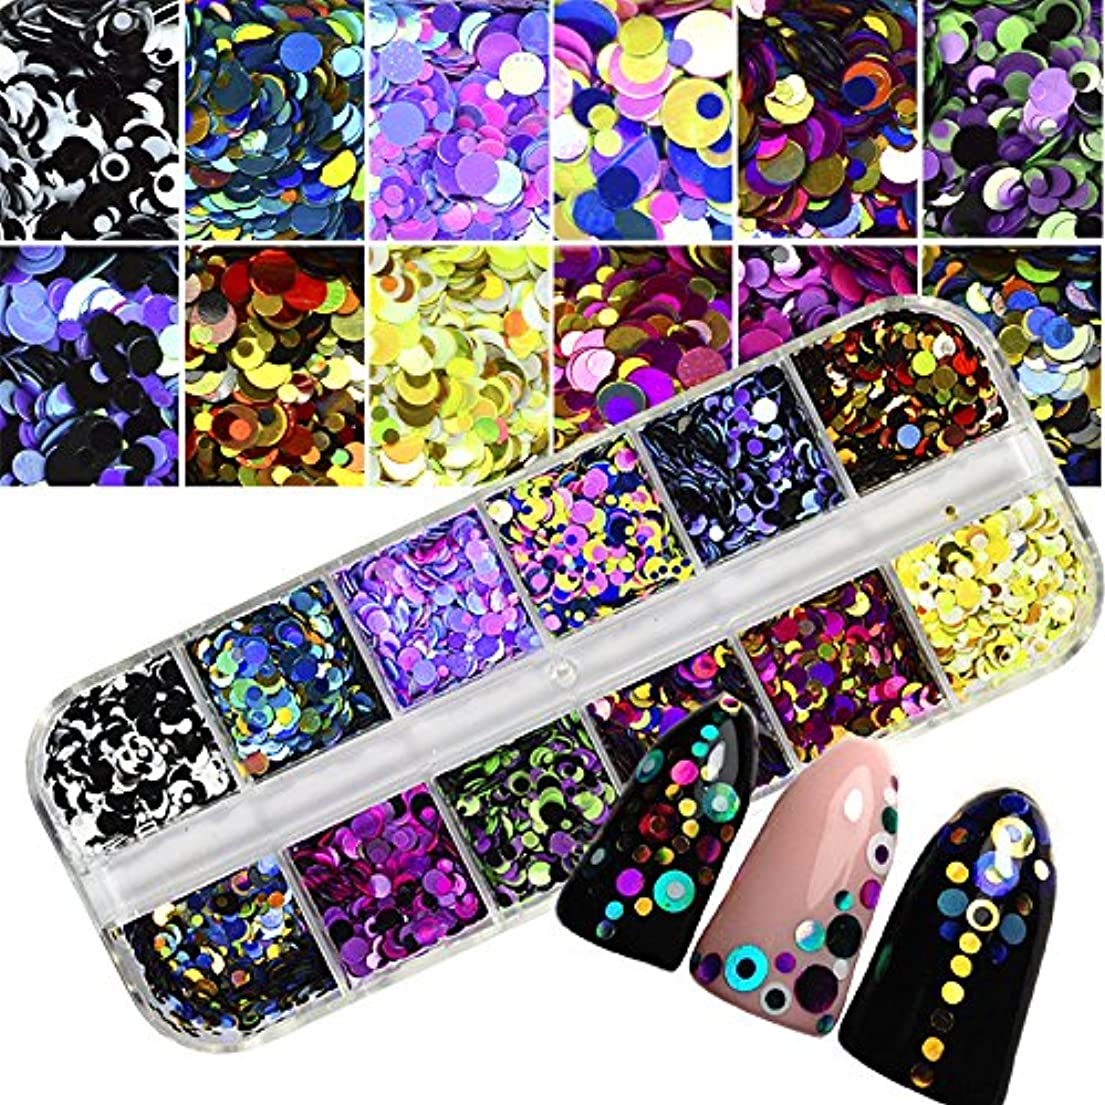 軽量守る兵隊1 Set Dazzling Round Nail Glitter Sequins Dust Mixed 12 Grids 1/2/3mm DIY Charm Polish Flakes Decorations Manicure...